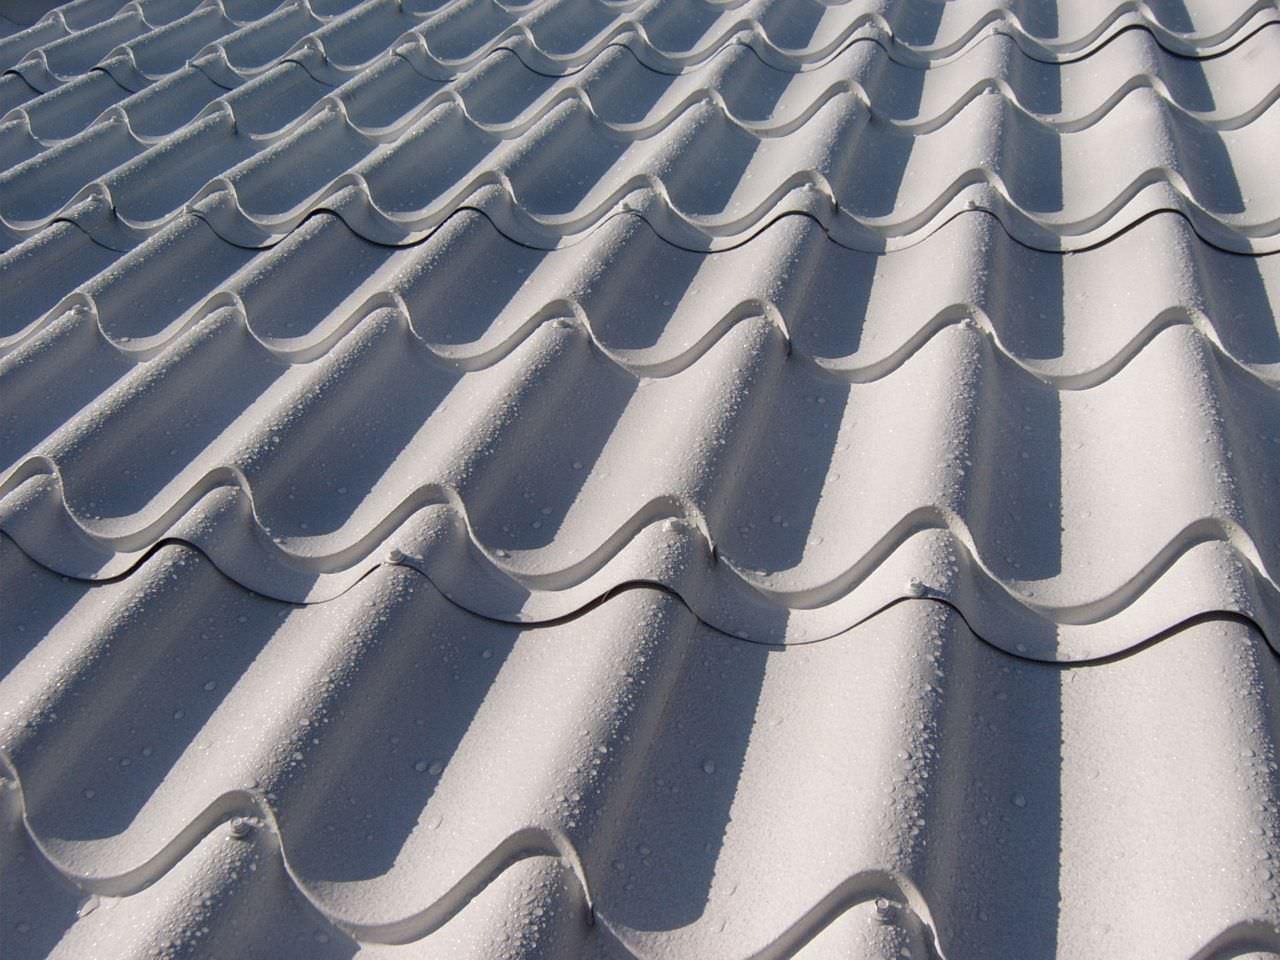 Grandetile Tile Roofing